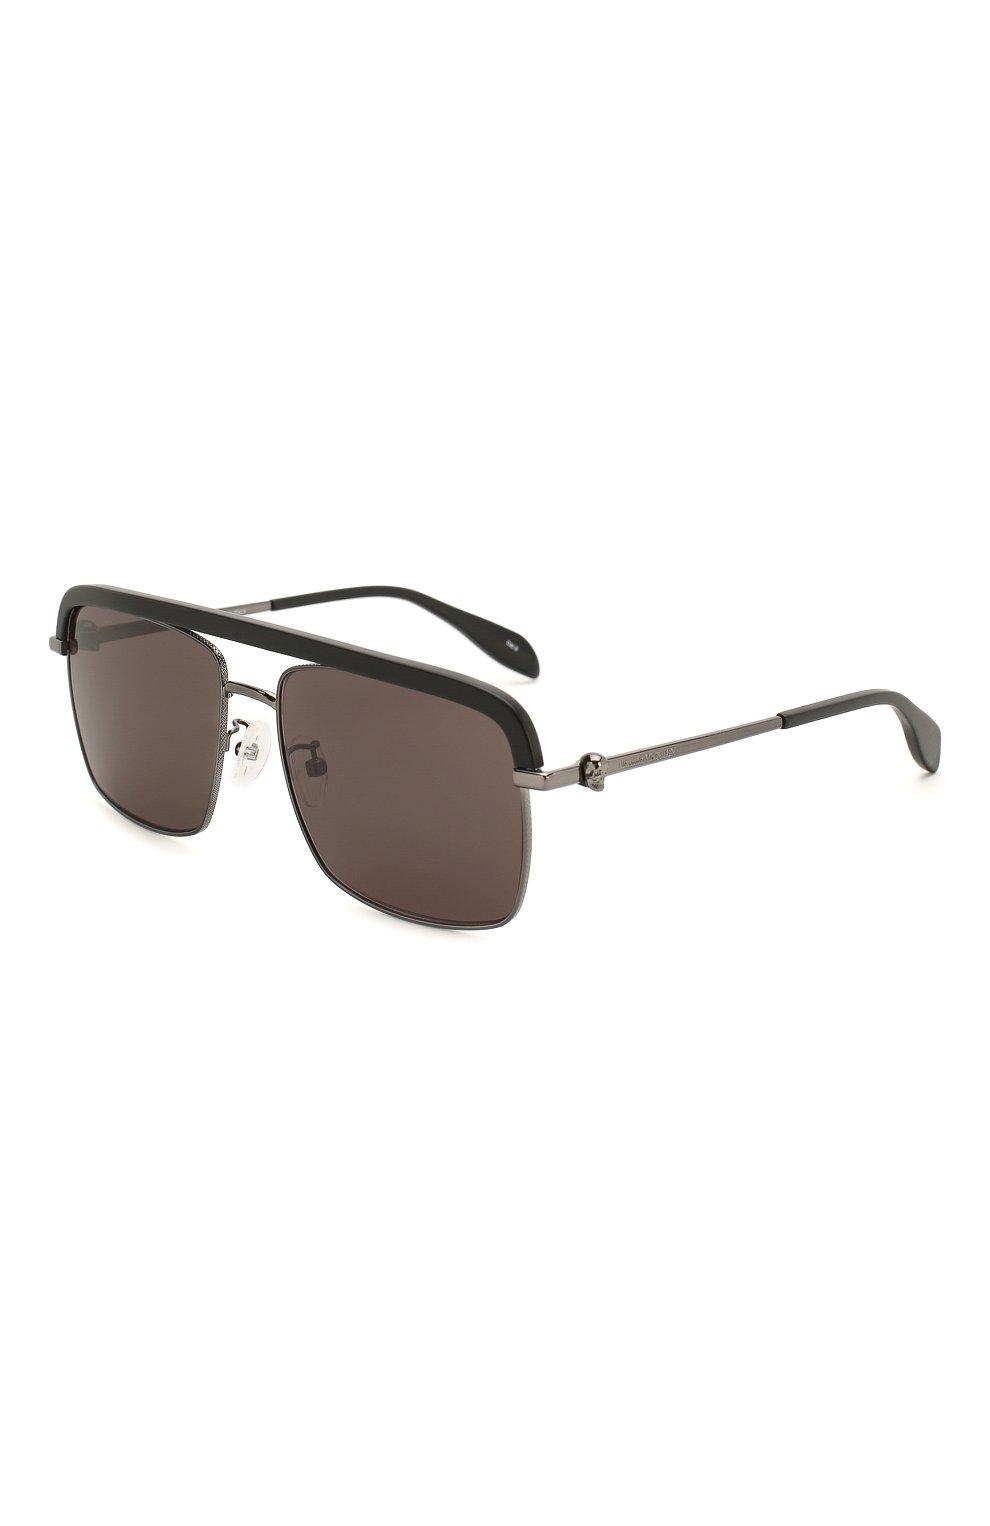 Женские солнцезащитные очки ALEXANDER MCQUEEN черного цвета, арт. AM0258S 002   Фото 1